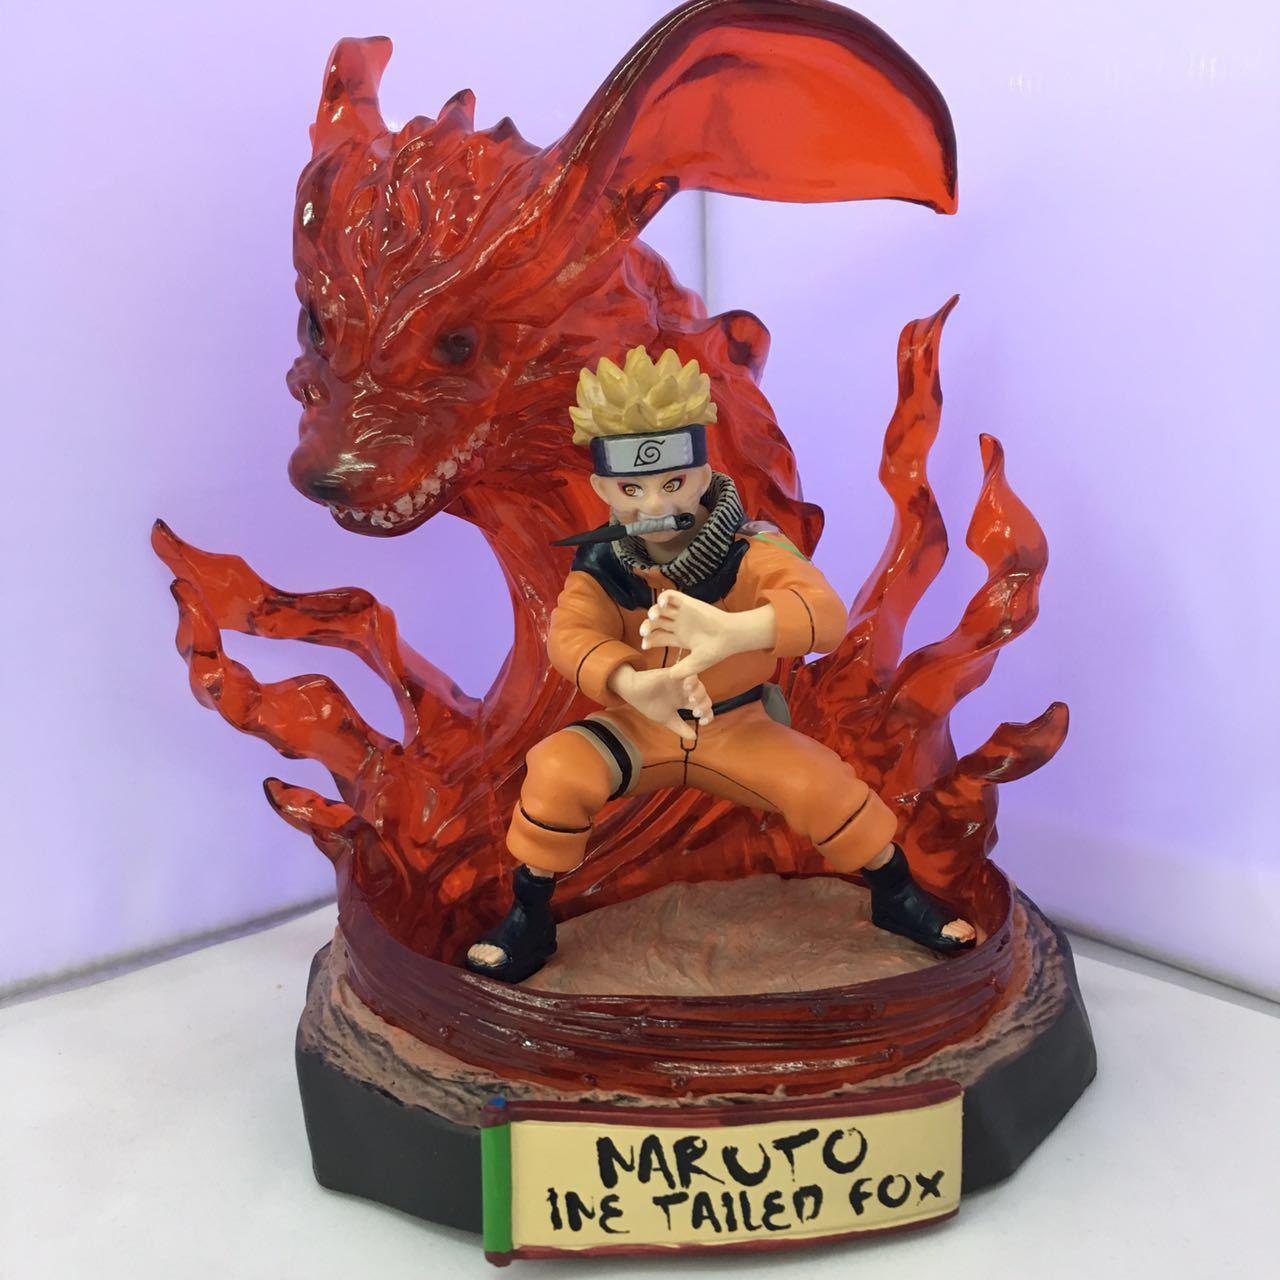 Наруто Девять Лис Ver. Фигурку Курама Ver. Uzumaki Naruto Doll ПВХ фигурку Коллекционная модель игрушки 18 см KT3511